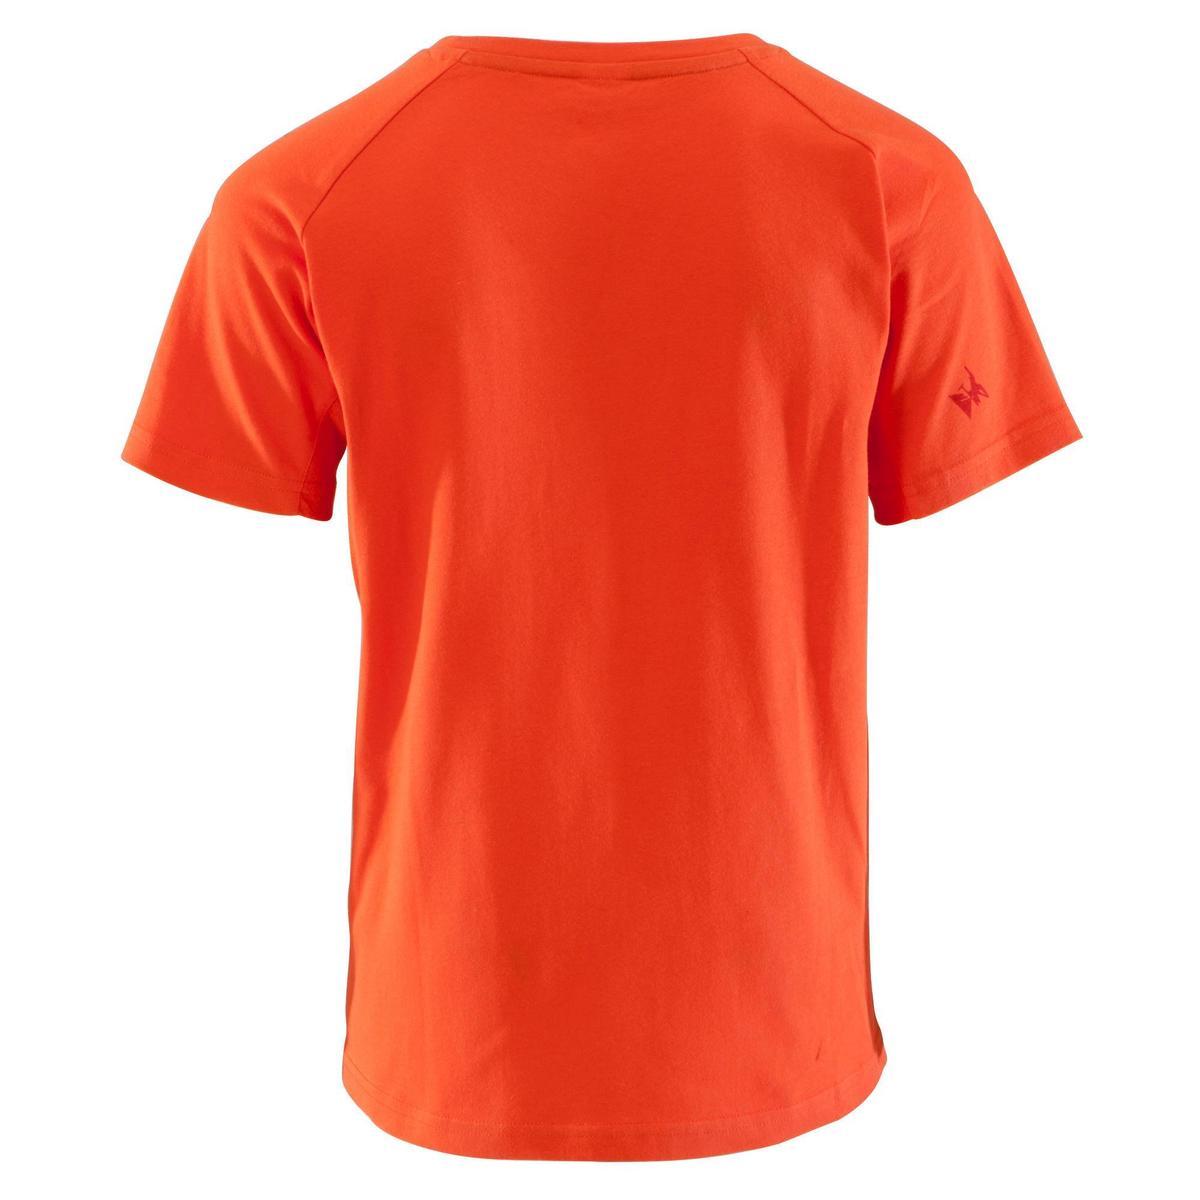 Bild 4 von Kletter-T-Shirt Kinder Kurzarm rot